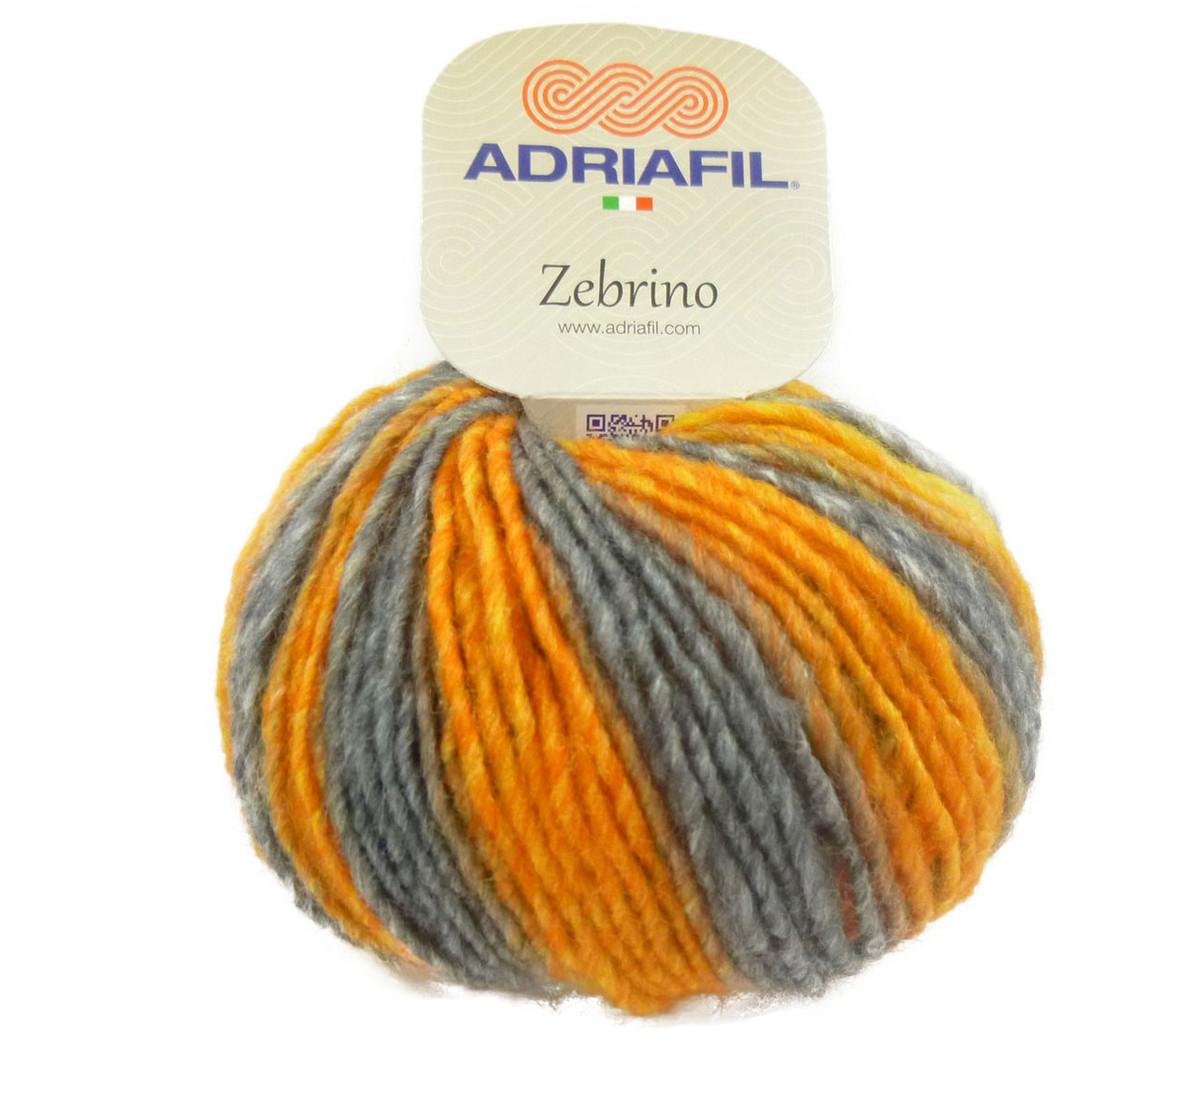 4ba62a555ab Adriafil Zebrino Aran Knitting Yarn